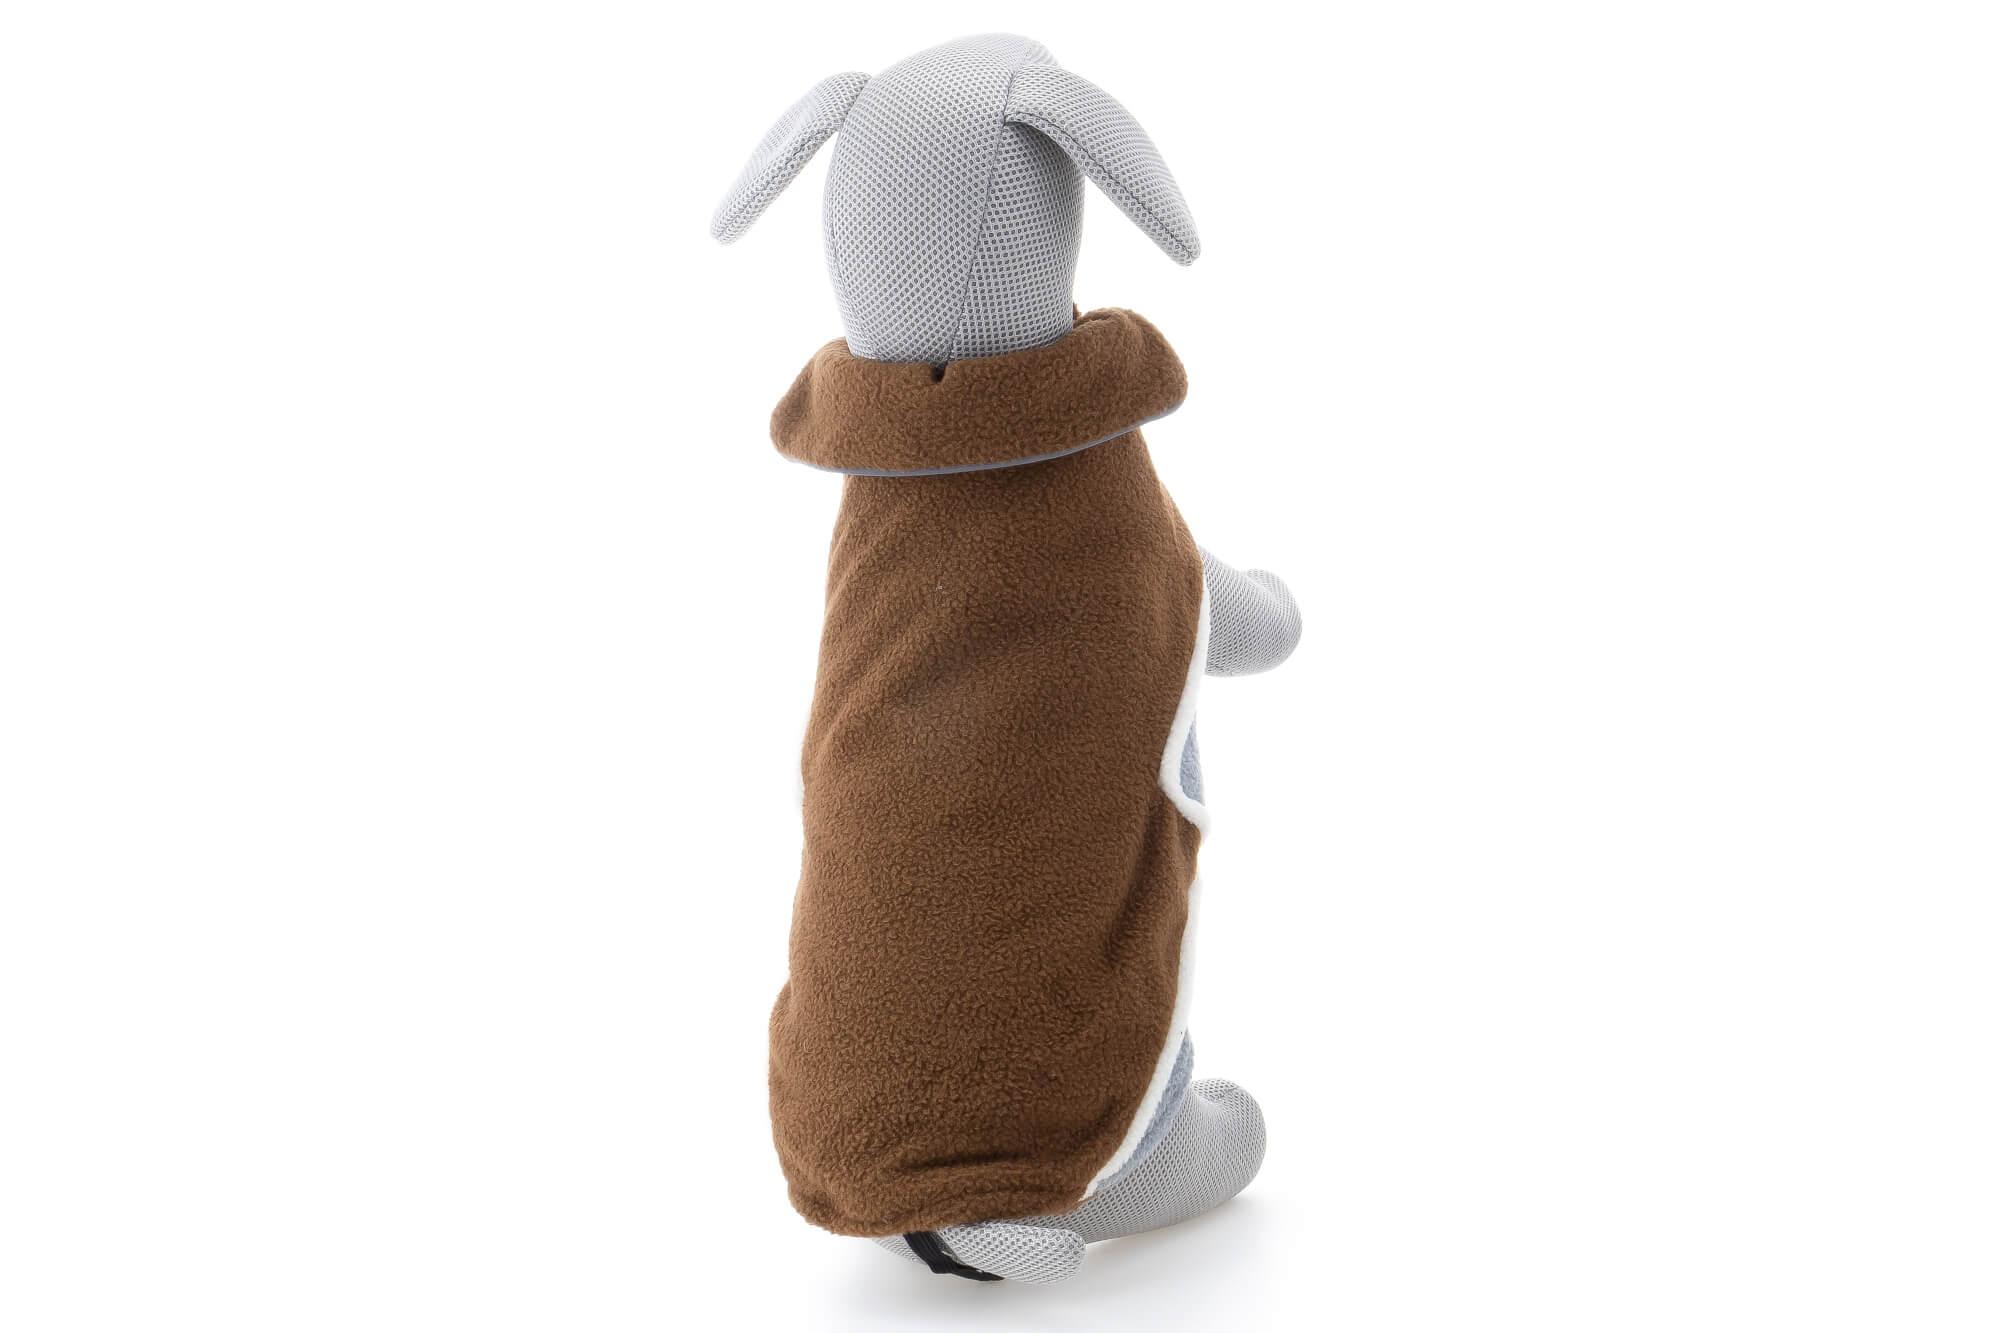 Vsepropejska Briana fleecová mikina pro psa Barva: Hnědá, Délka zad psa: 26 cm, Obvod hrudníku: 36 - 40 cm